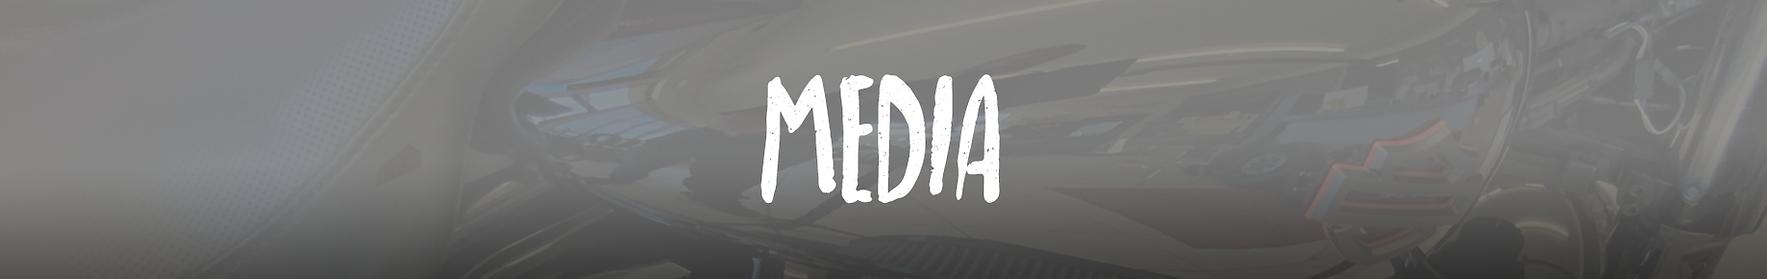 MediaHeader.png